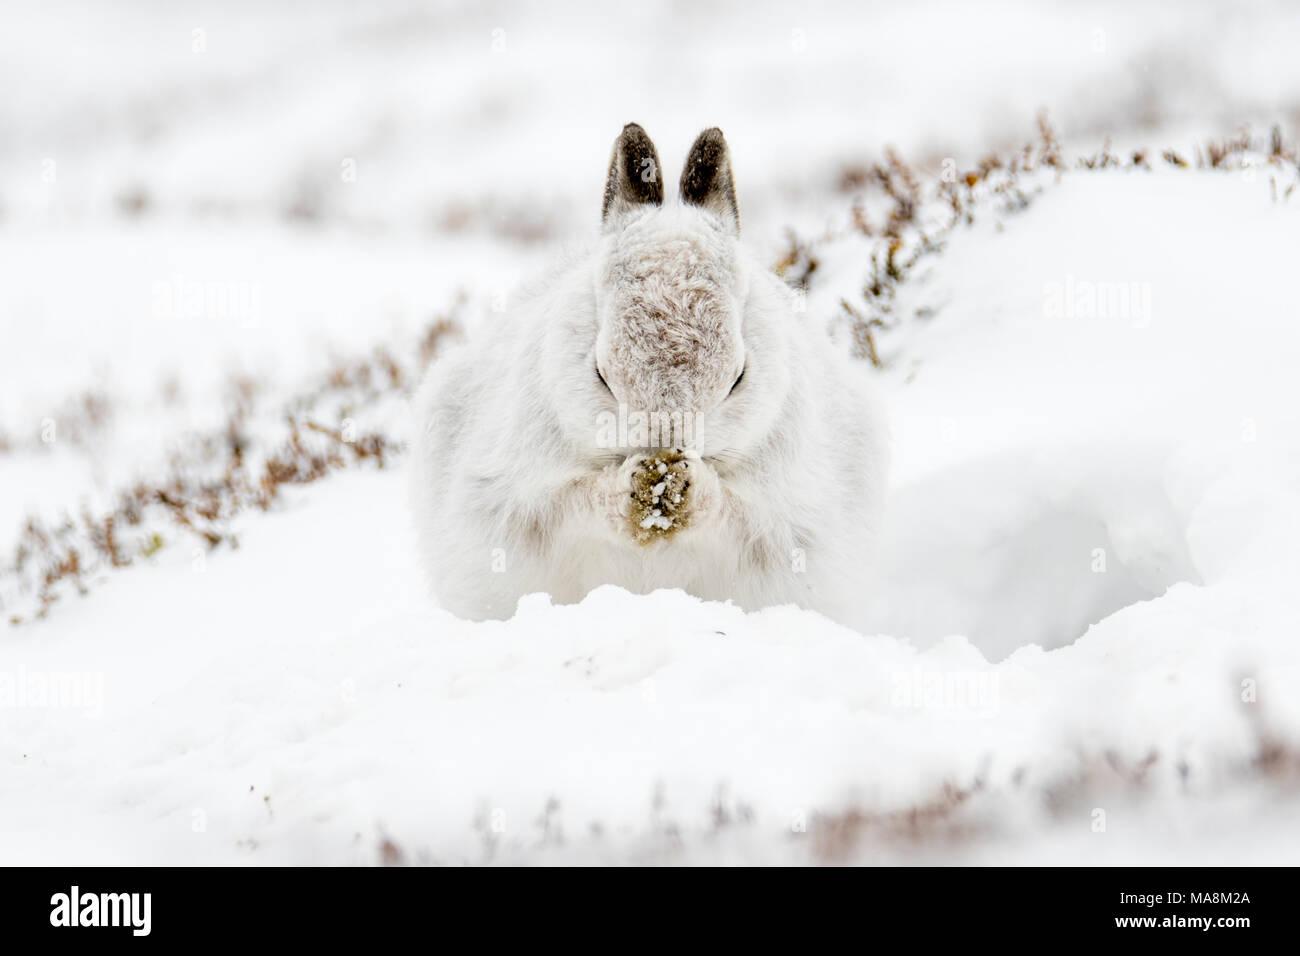 Schneehase (Lepus timidus) Pflege in Form auf schneebedeckten Hügel in den schottischen Highlands, März 2018 Stockbild